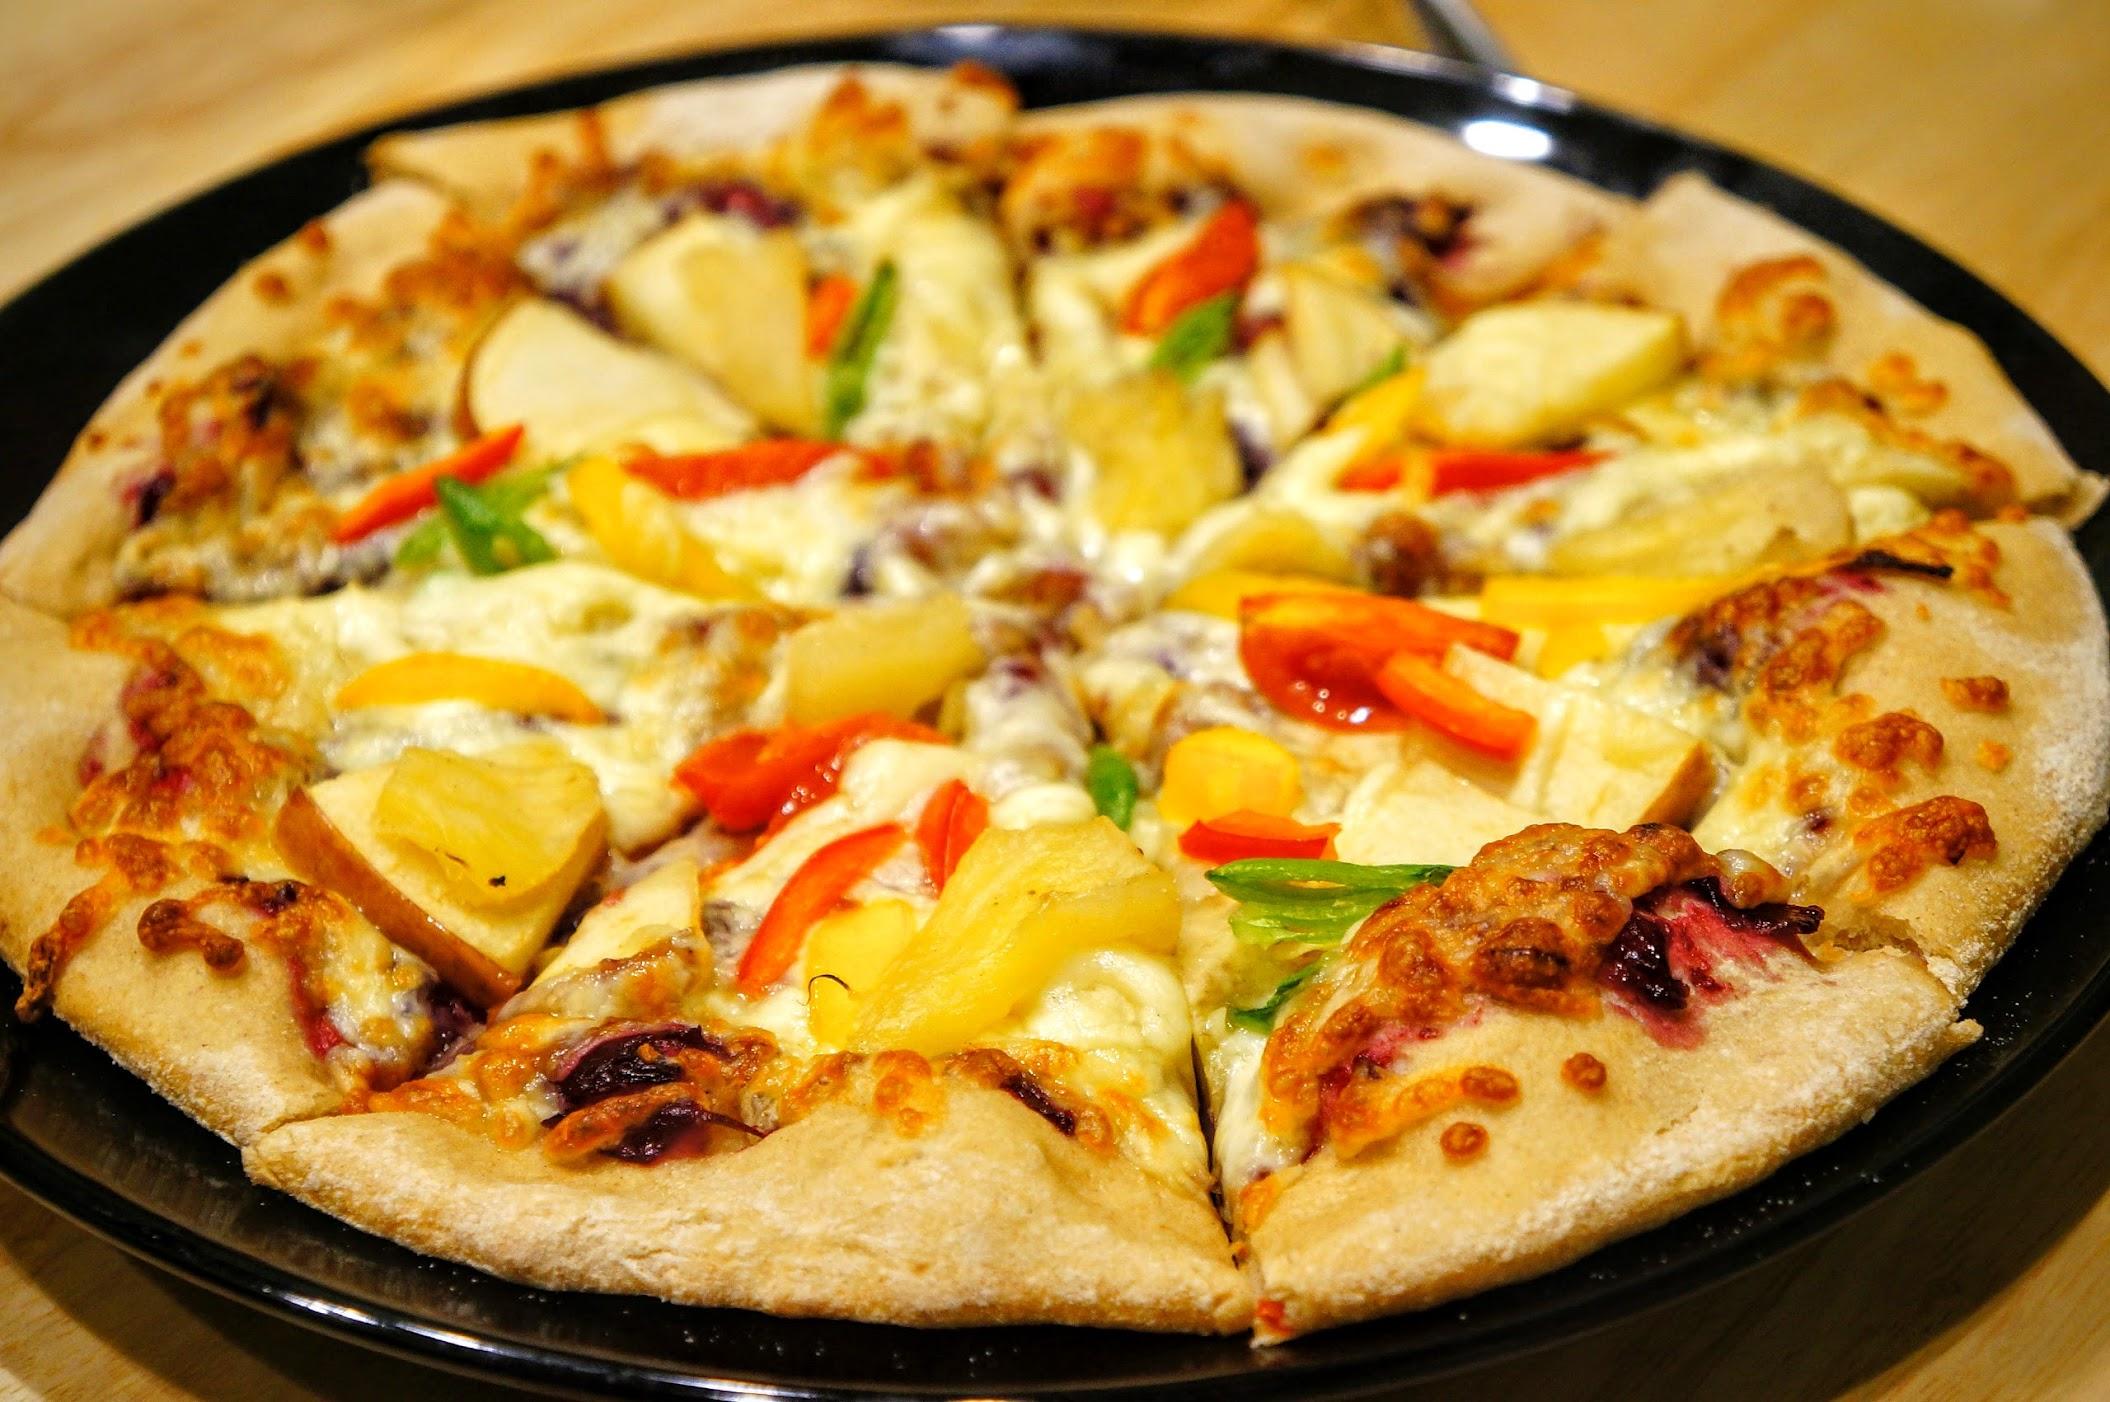 水果手工窯烤披薩,上頭有蔬菜與水果,底下餅皮脆